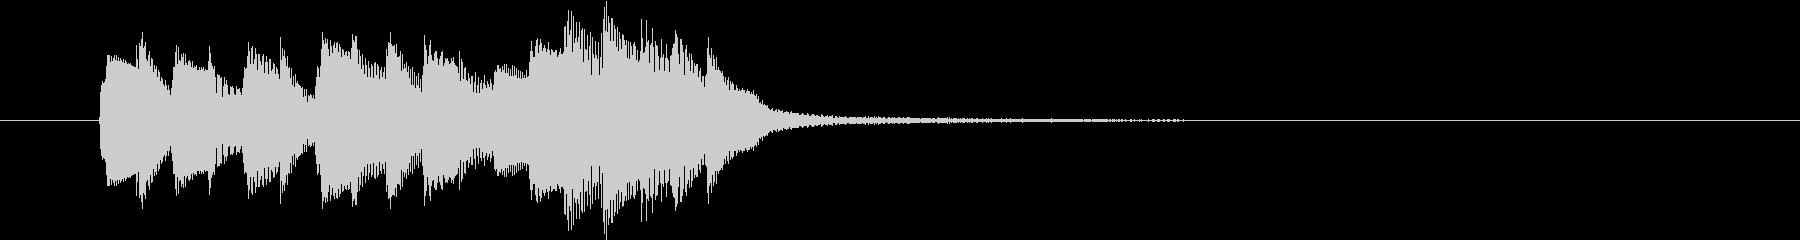 正解音風の短い上行形効果音の未再生の波形